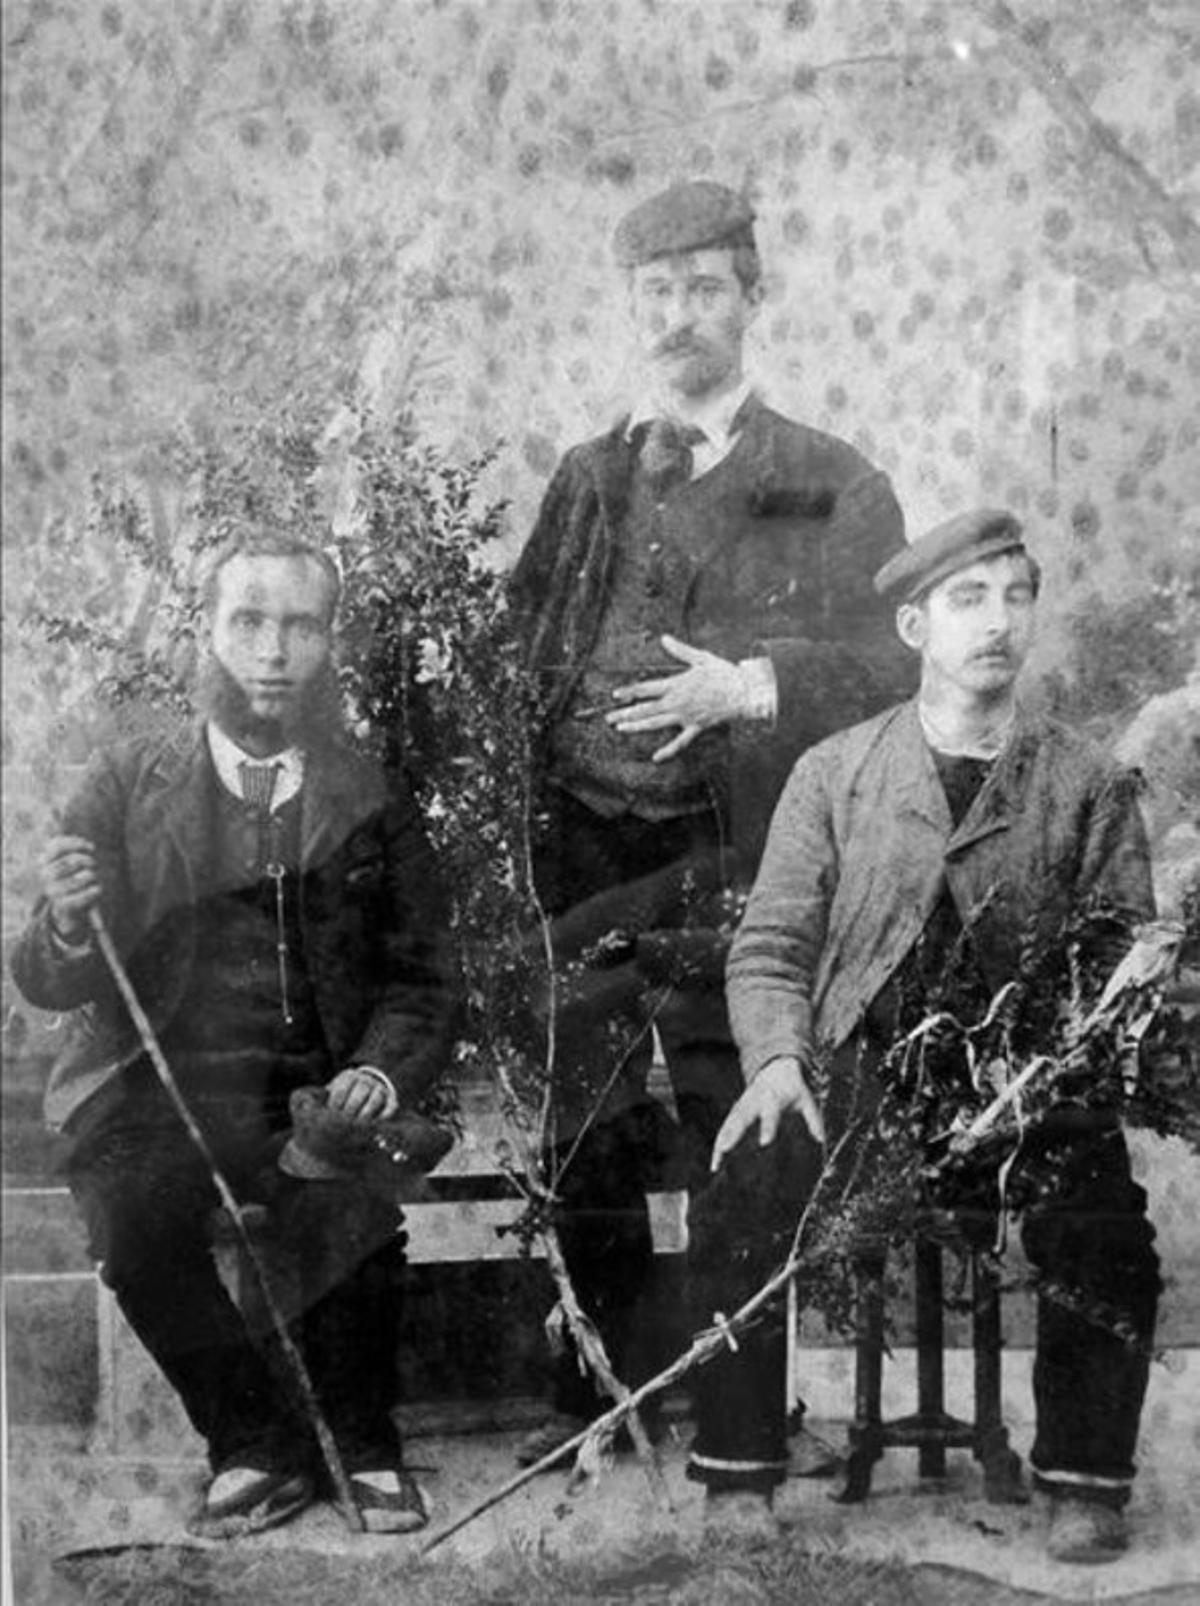 Fotografía deSantiago Rusiñol (de pie) y Ramon Casas, en 1889, junto con el carretero (izquierda).